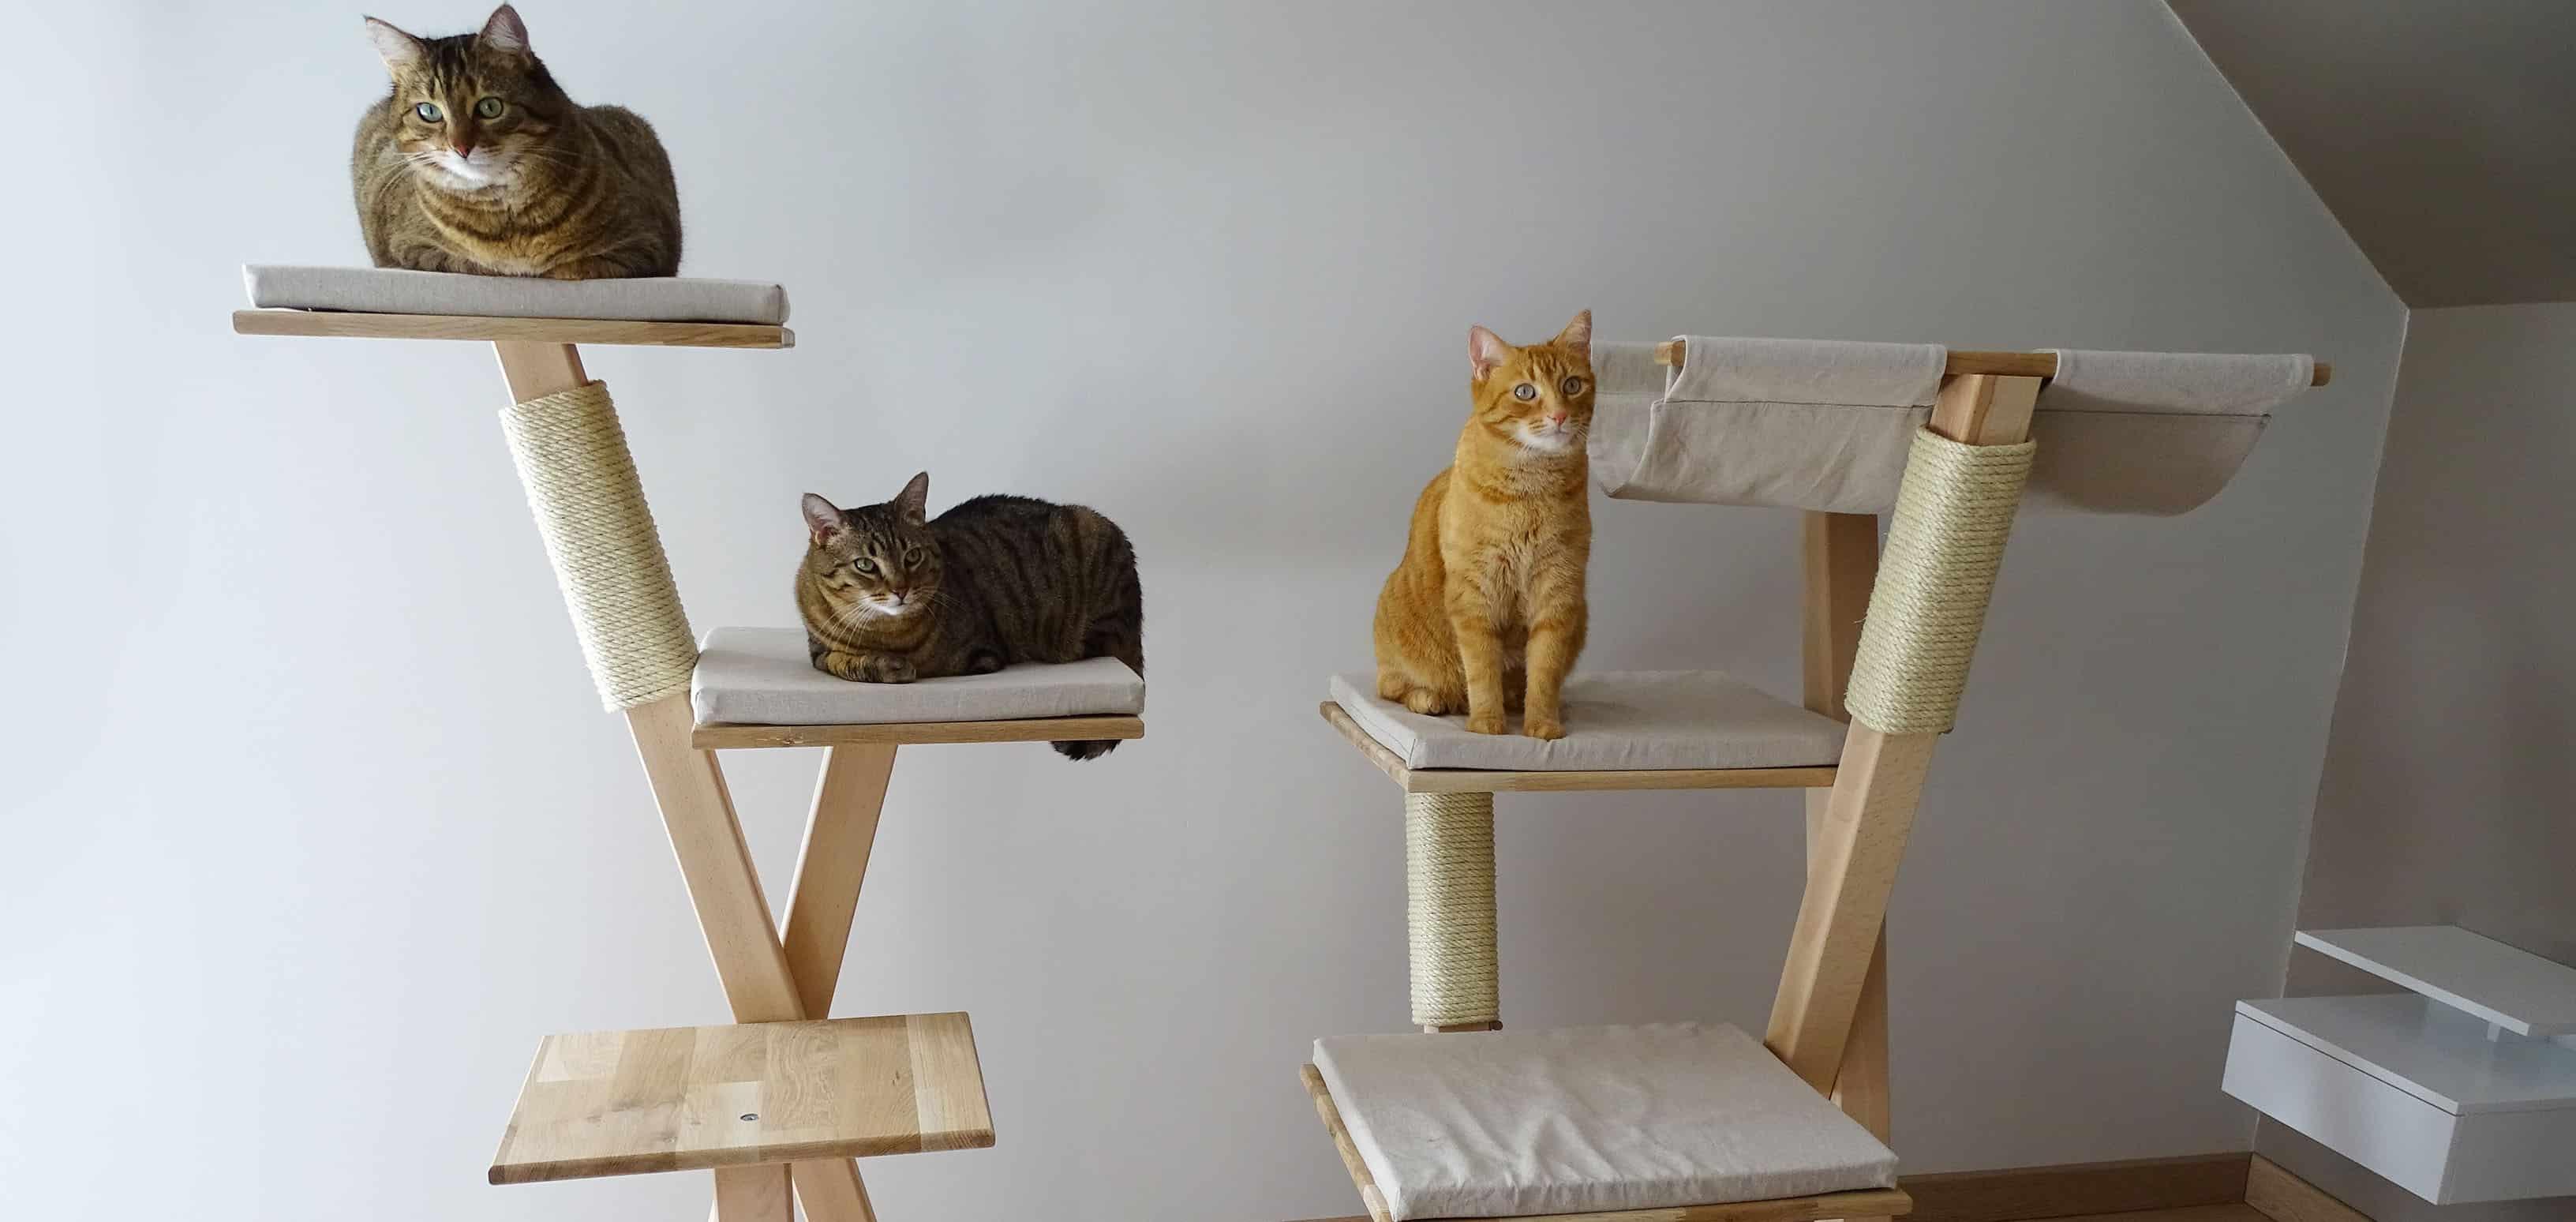 Fabriquer Un Petit Pont De Bois l'arbre à chat made in france : des artisans spécialisés